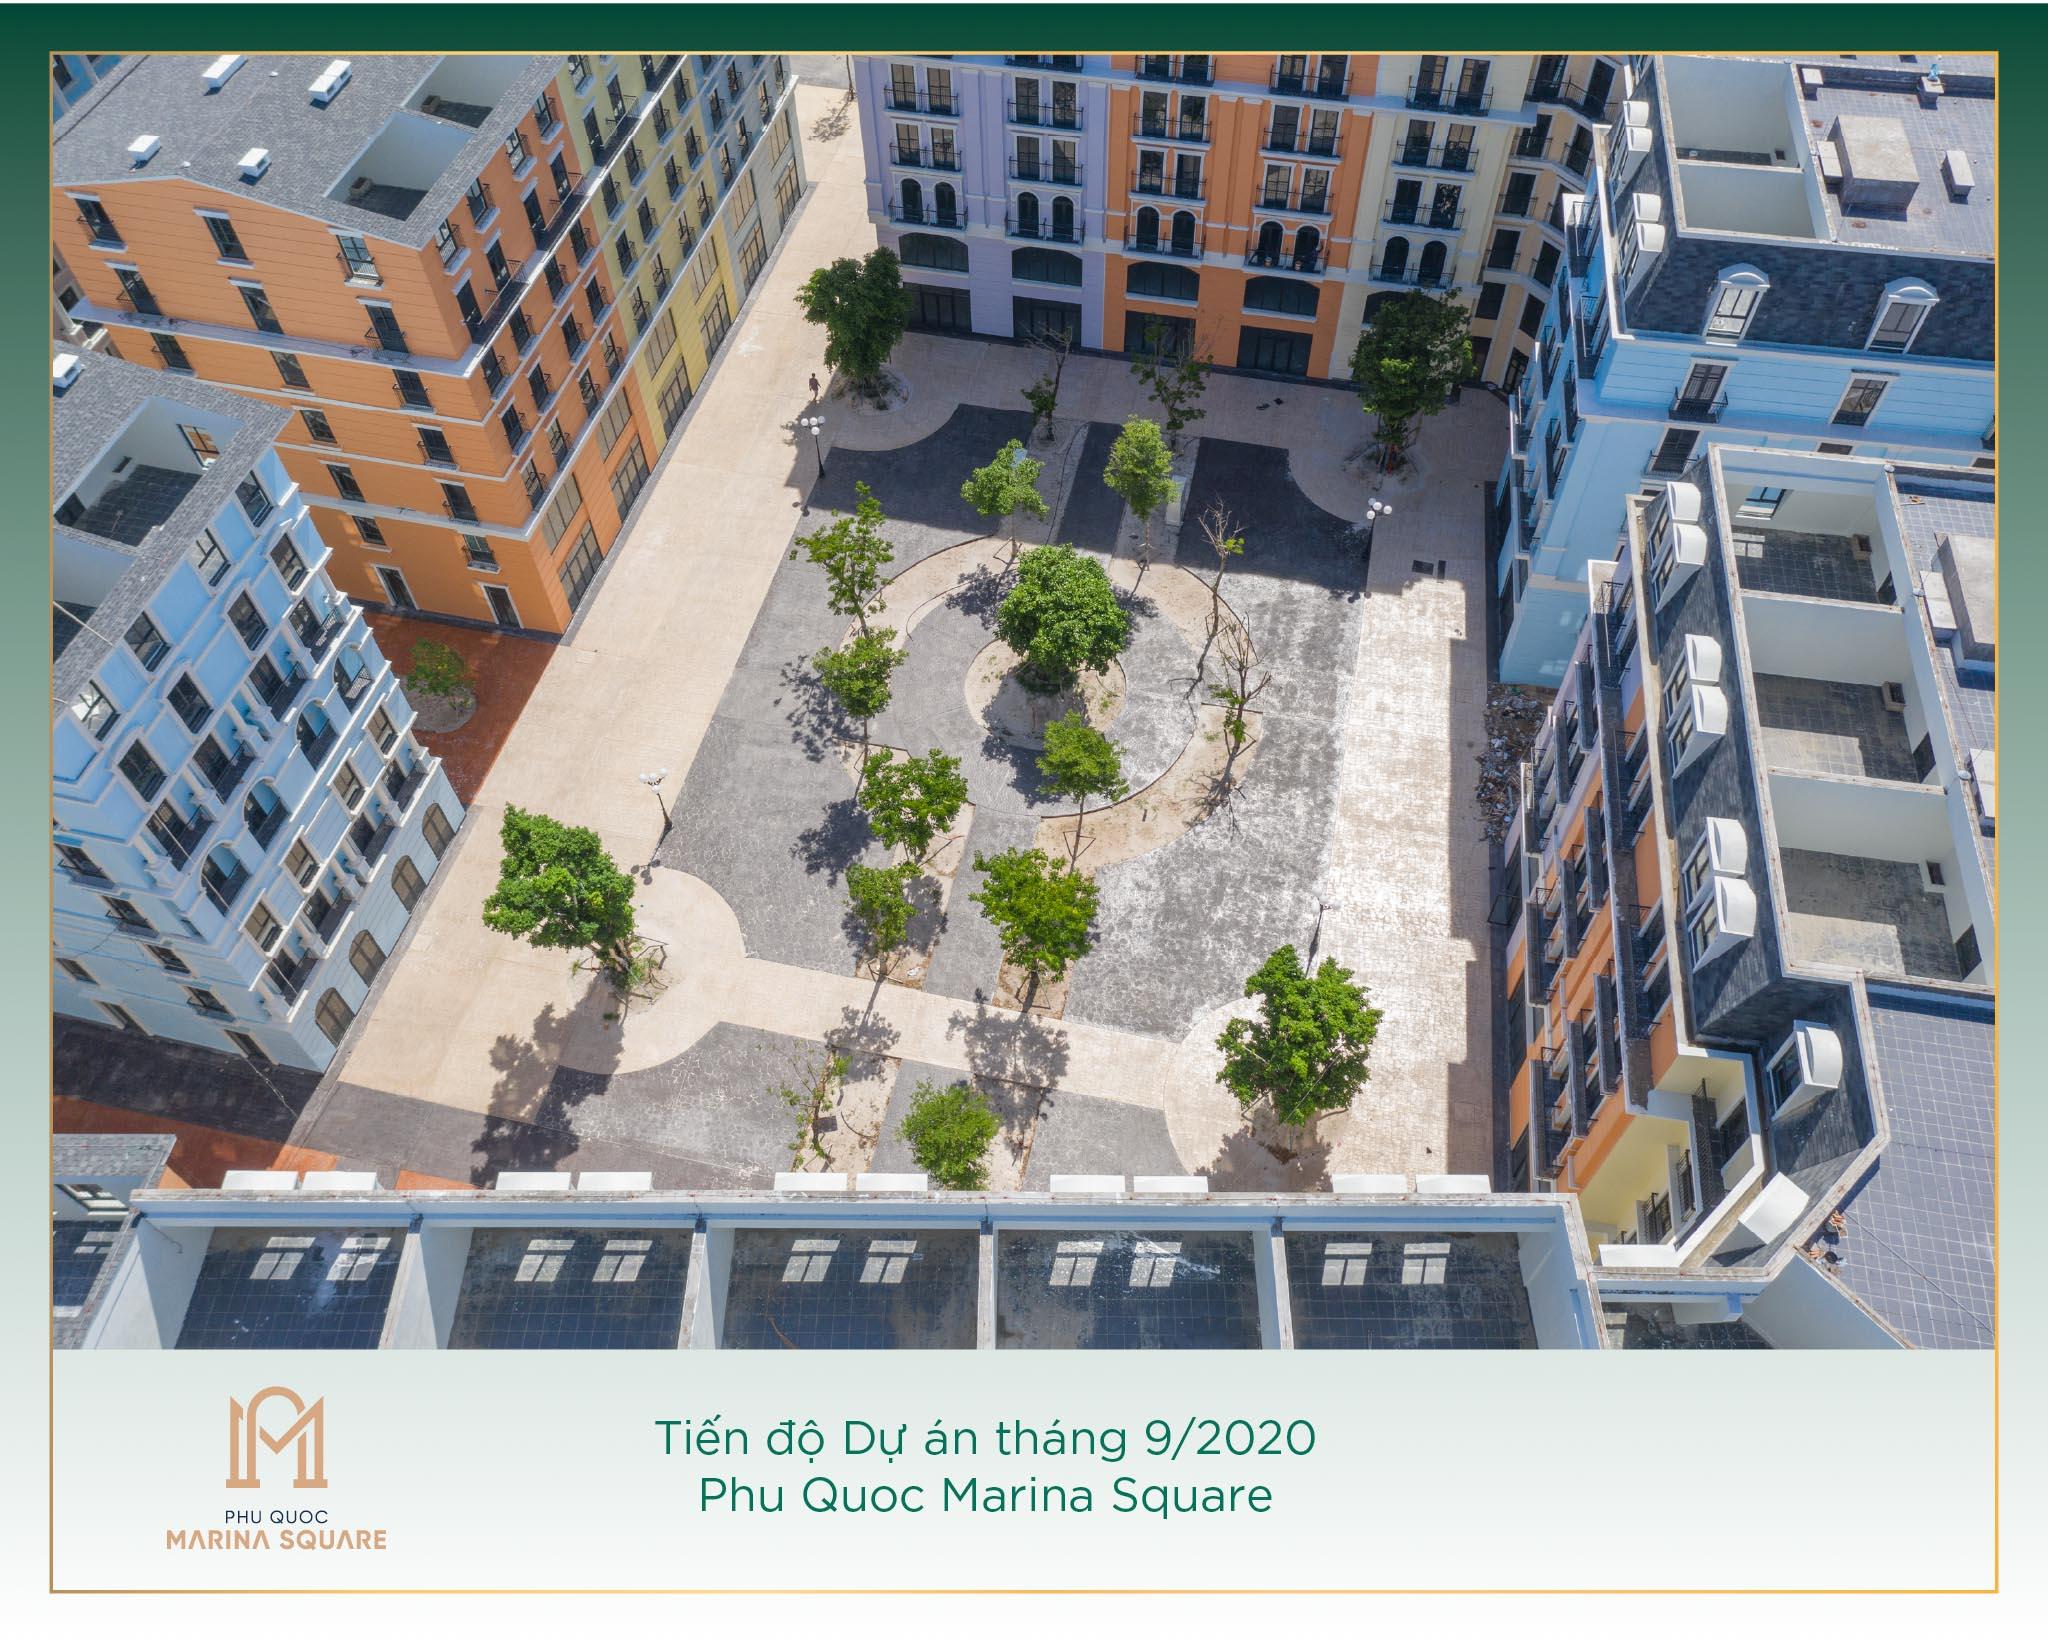 2020-09-08 tien do Phu Quoc Marina Square